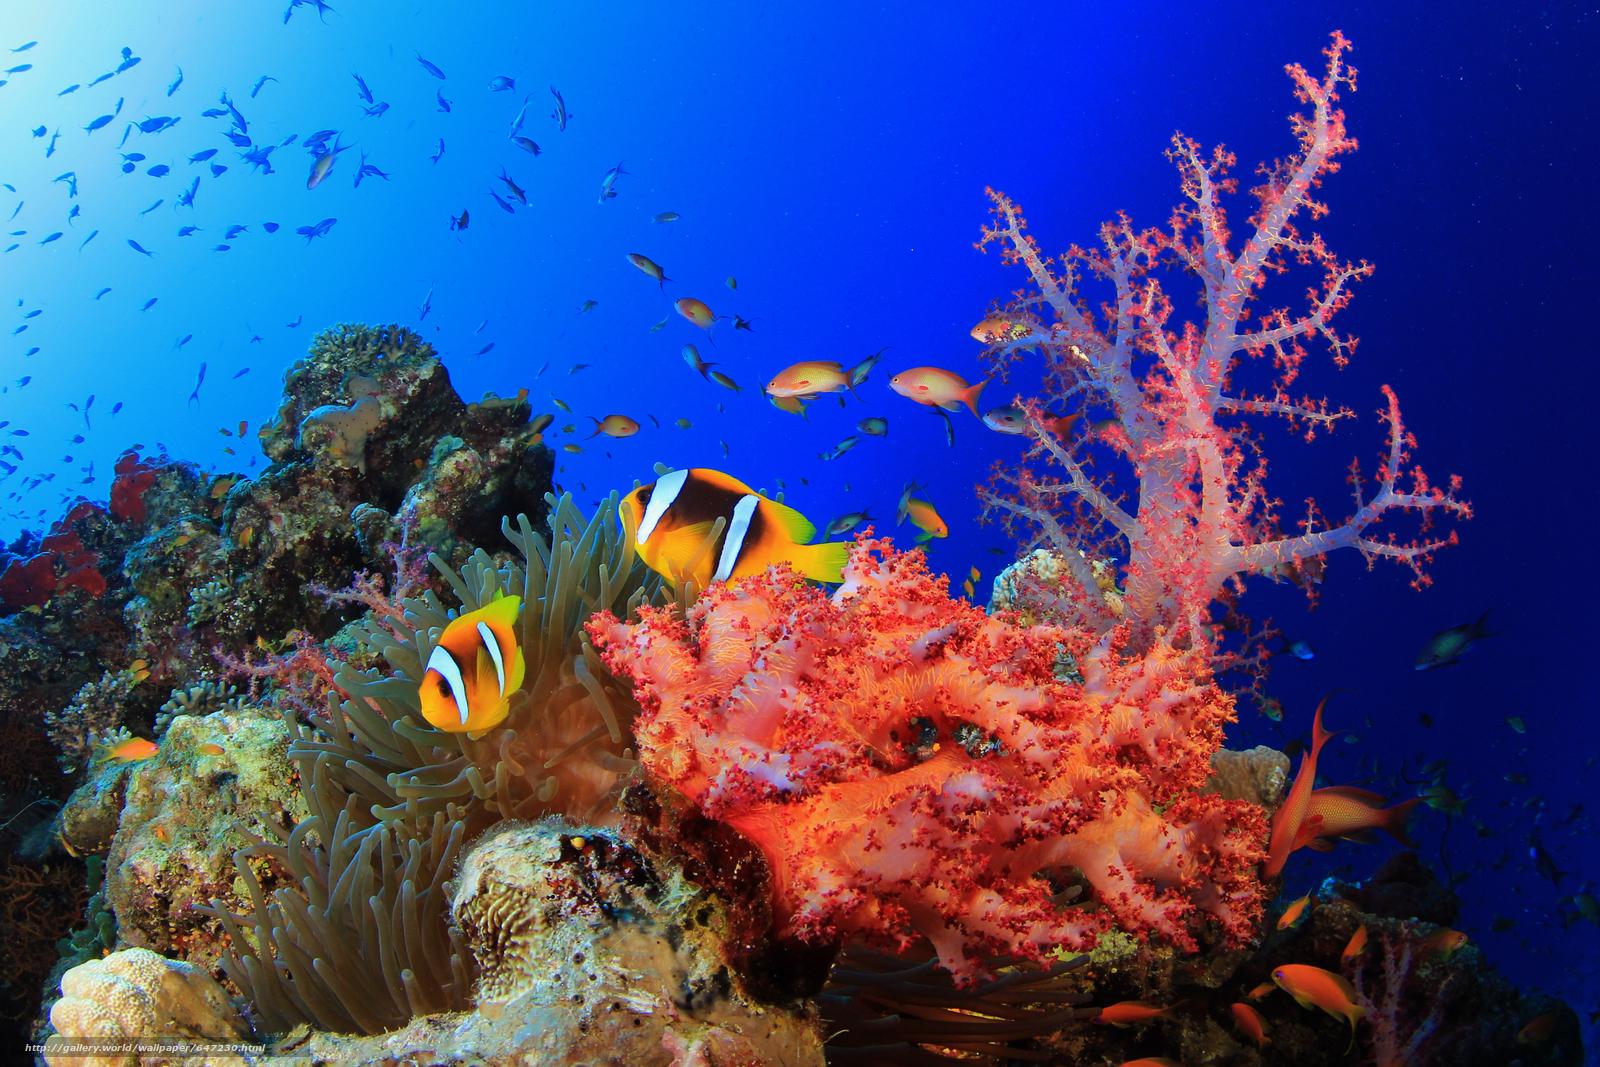 Скачать обои море,  морское дно,  рыбы,  природа бесплатно для рабочего стола в разрешении 4139x2759 — картинка №647230